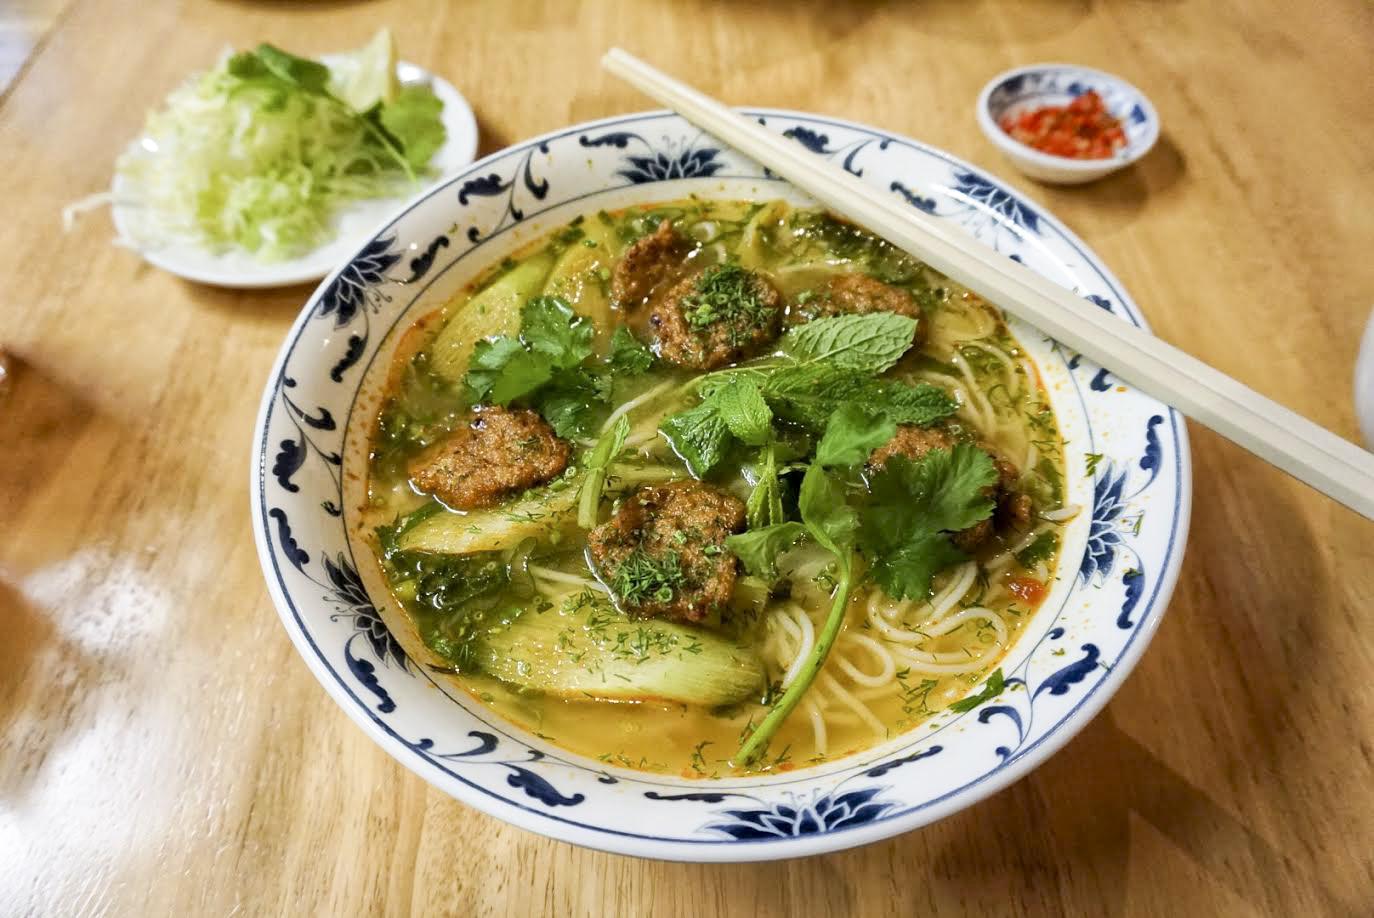 fishcake vermicelli soup, PHO Hanoi in Deptford